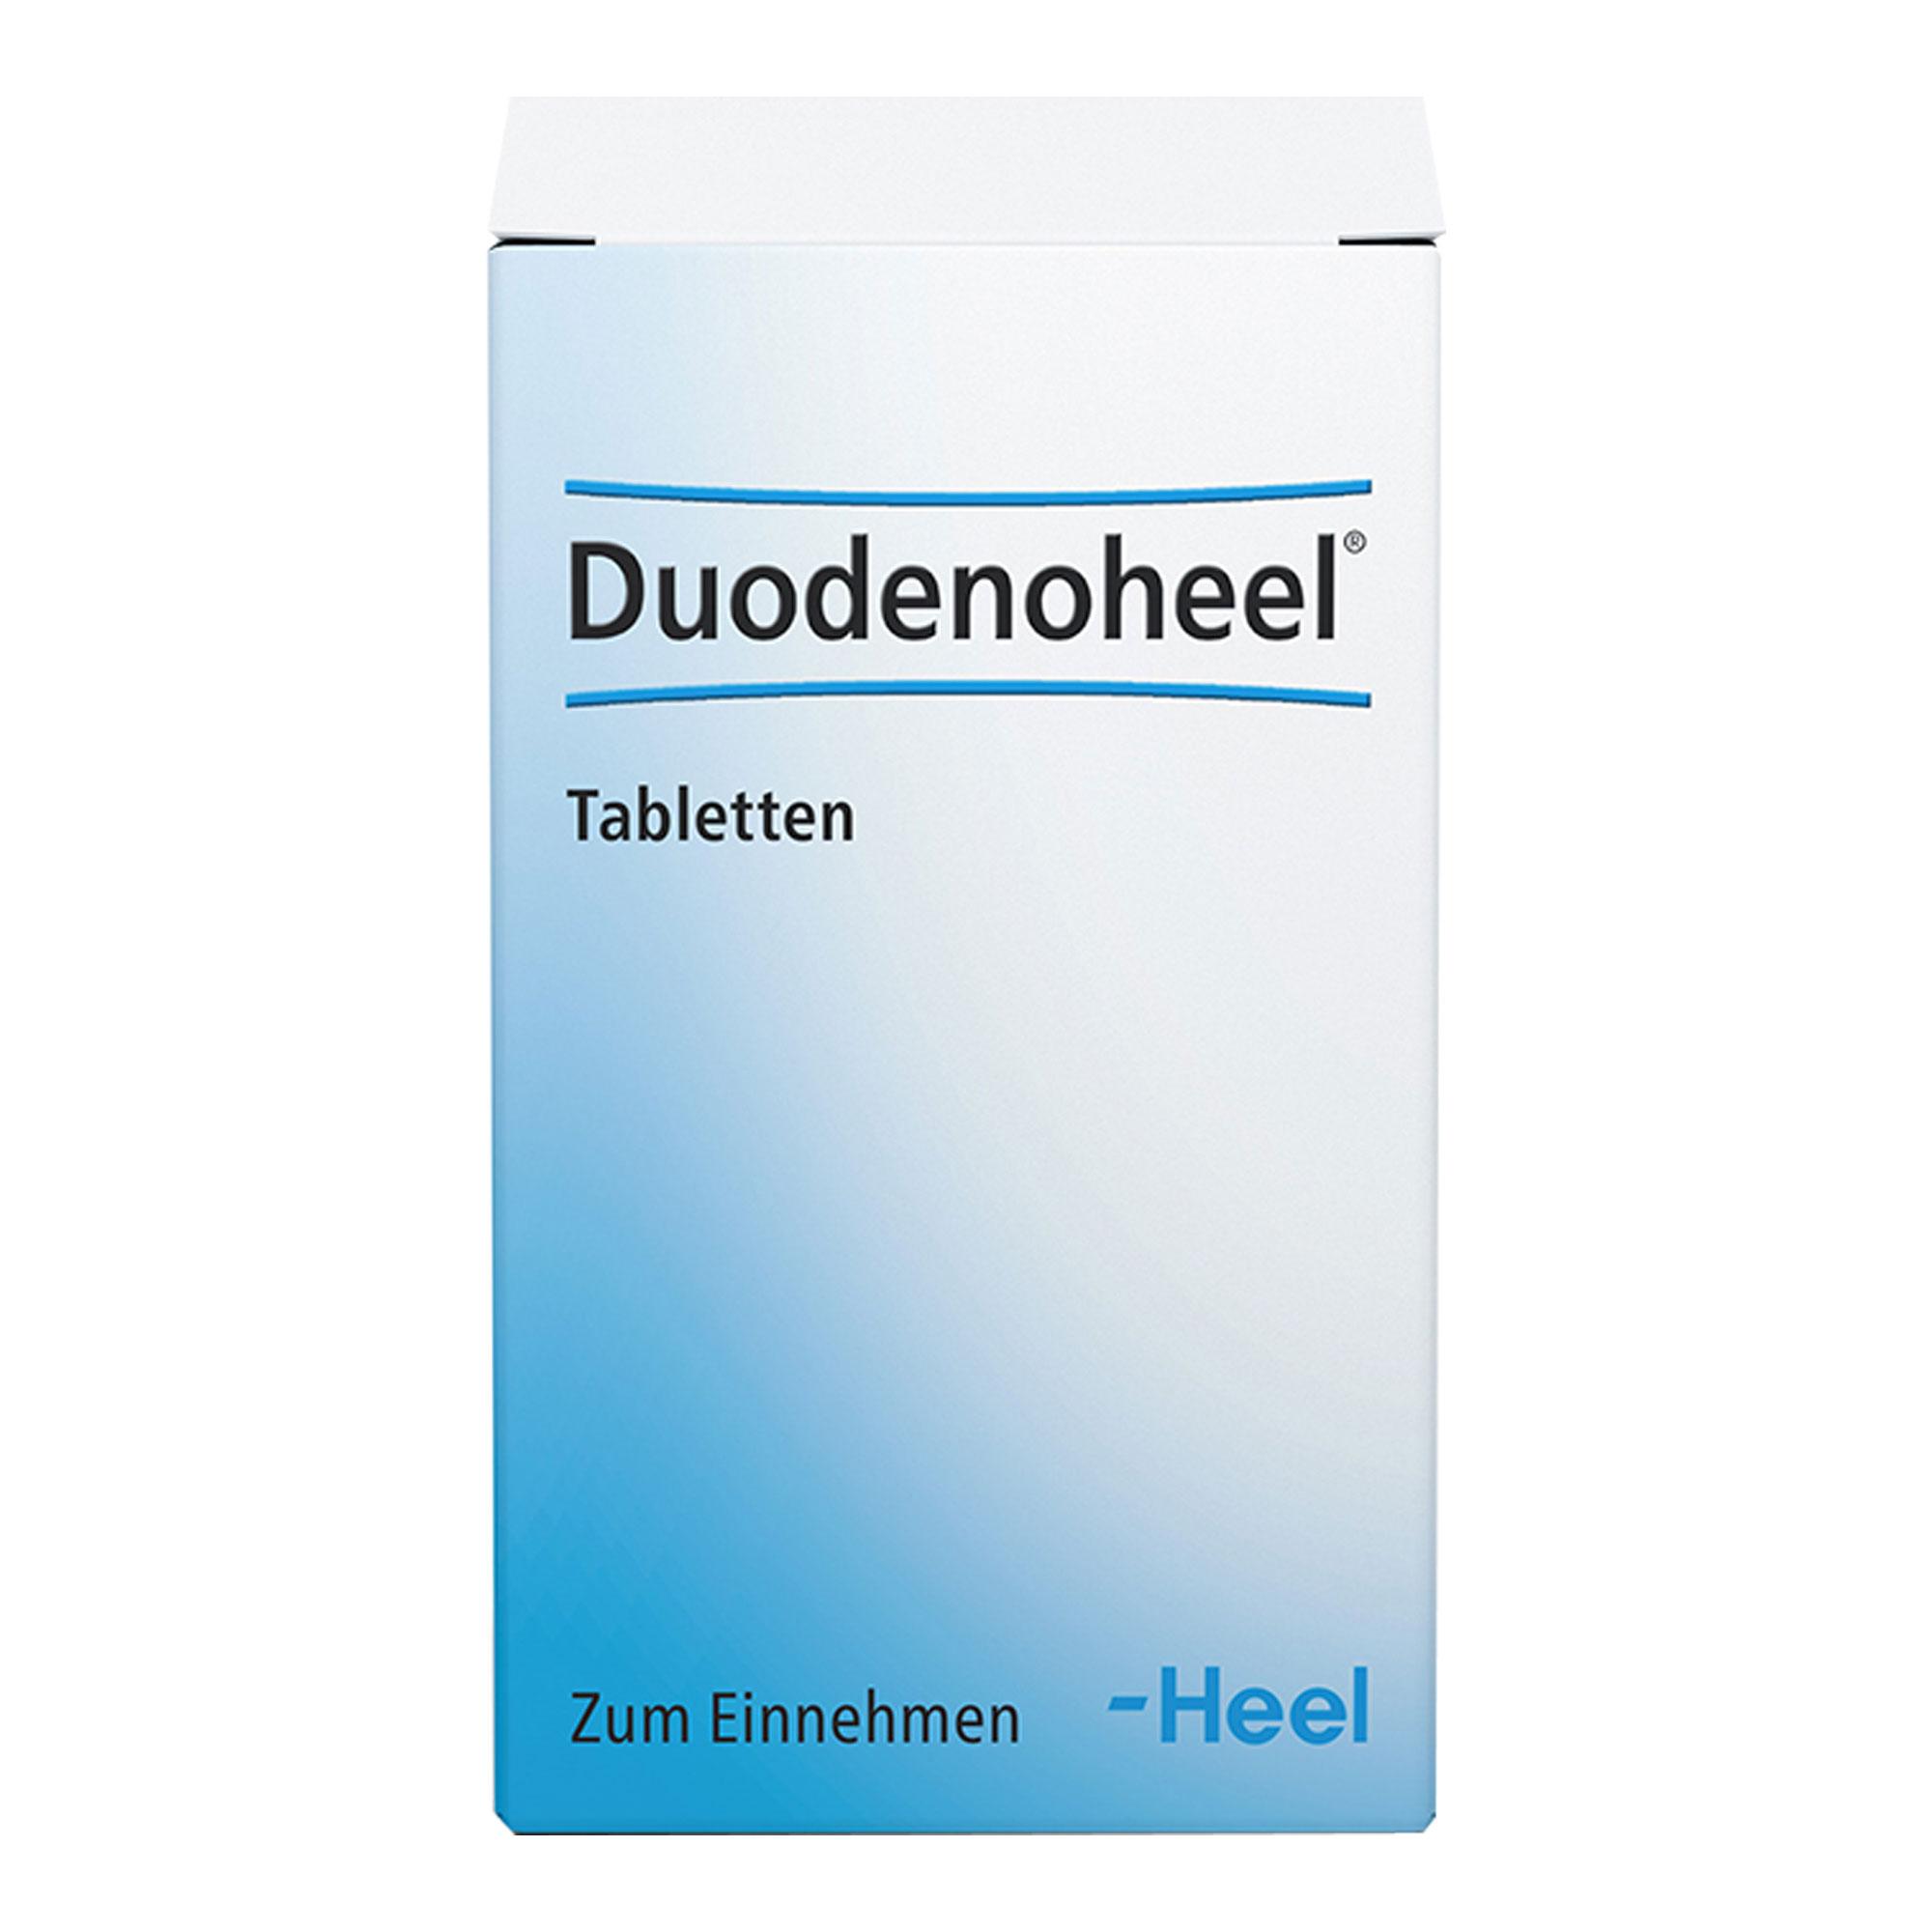 Duodenoheel Tabletten